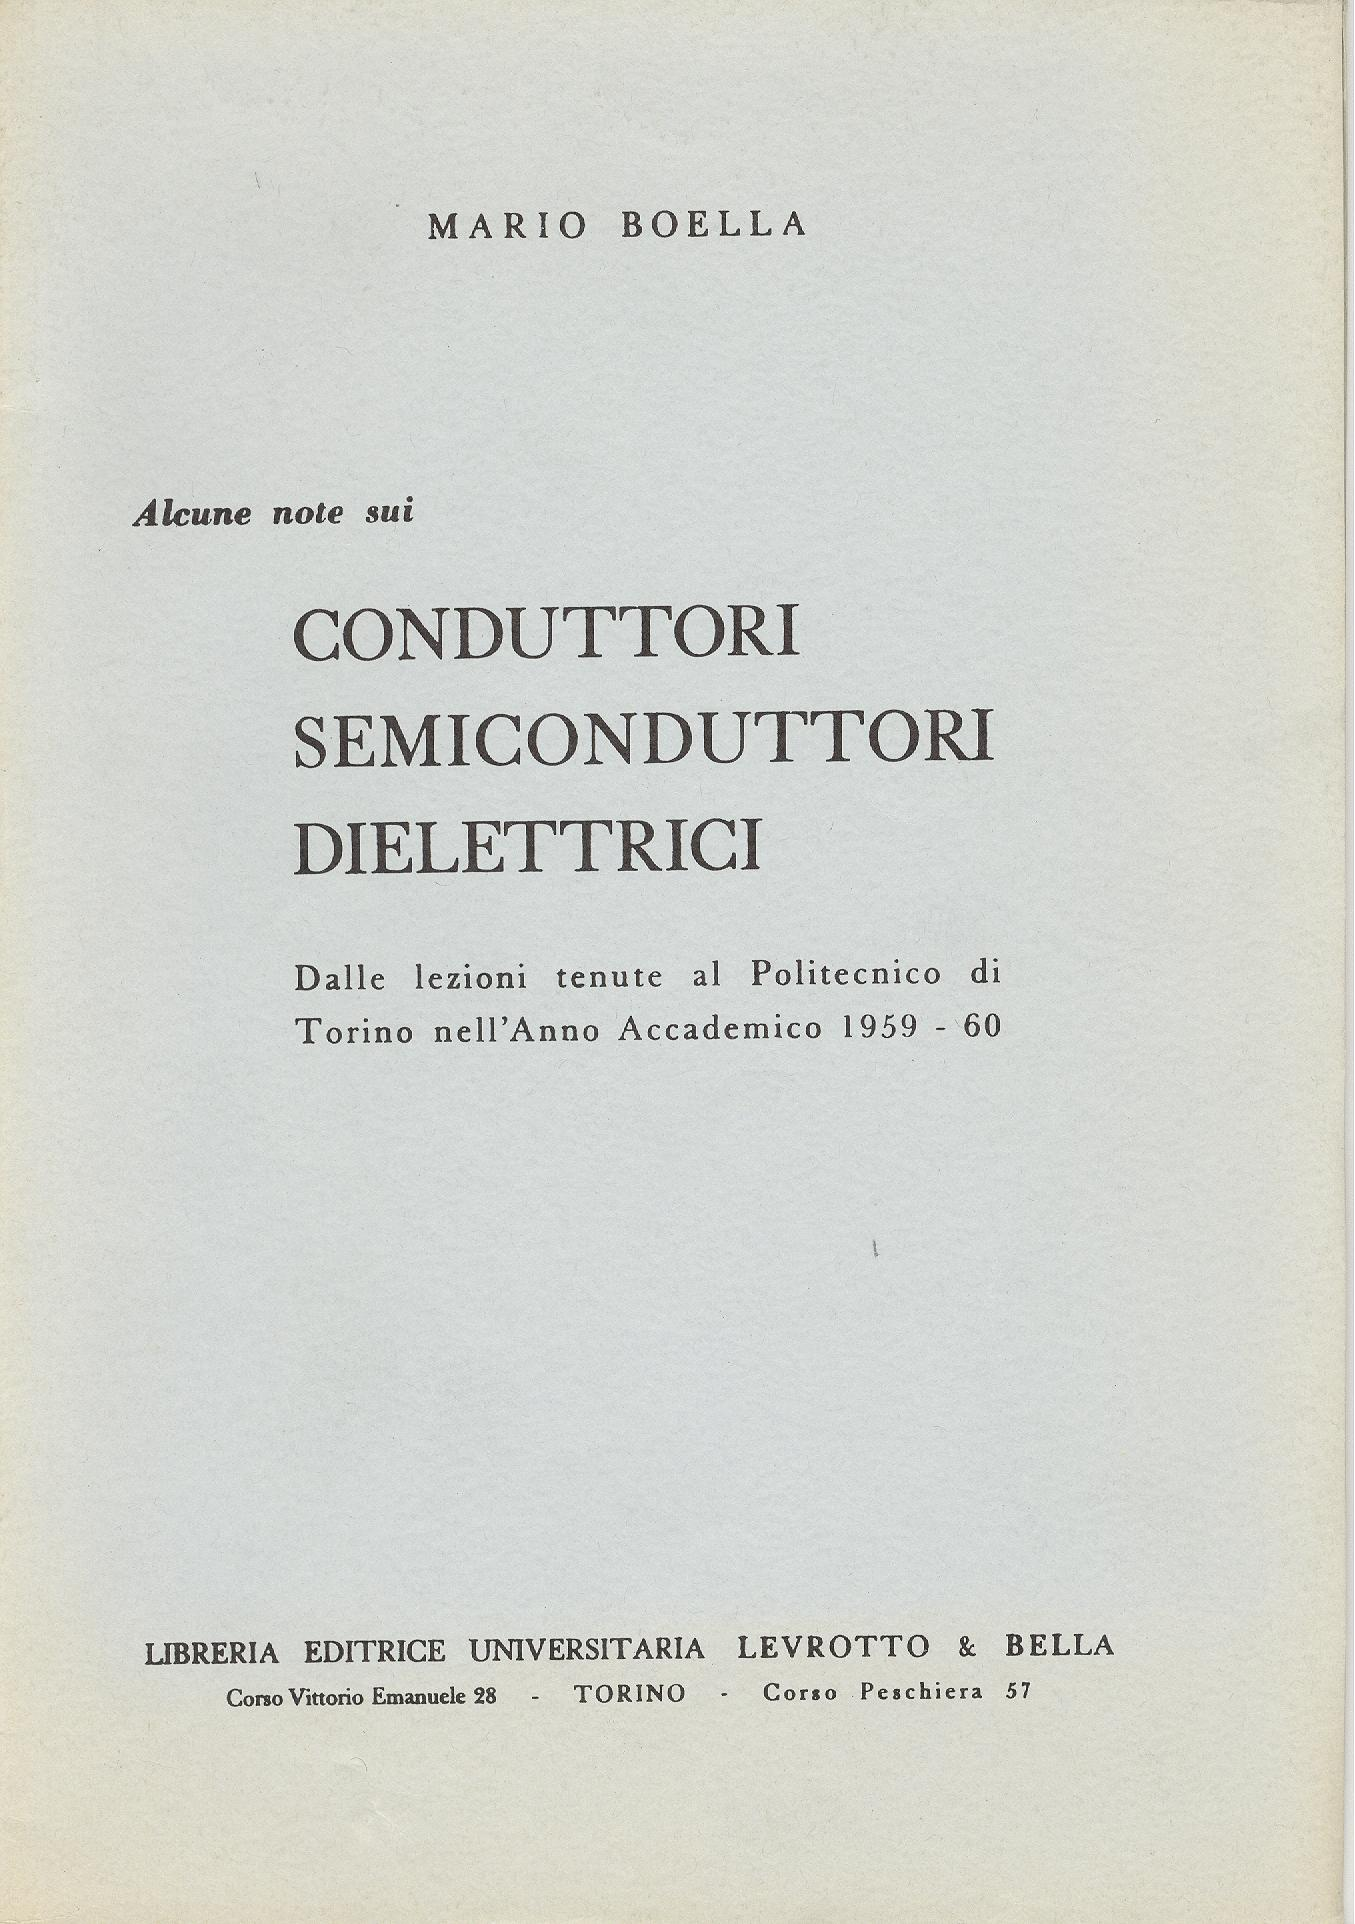 Conduttori Semiconduttori Dielettrici